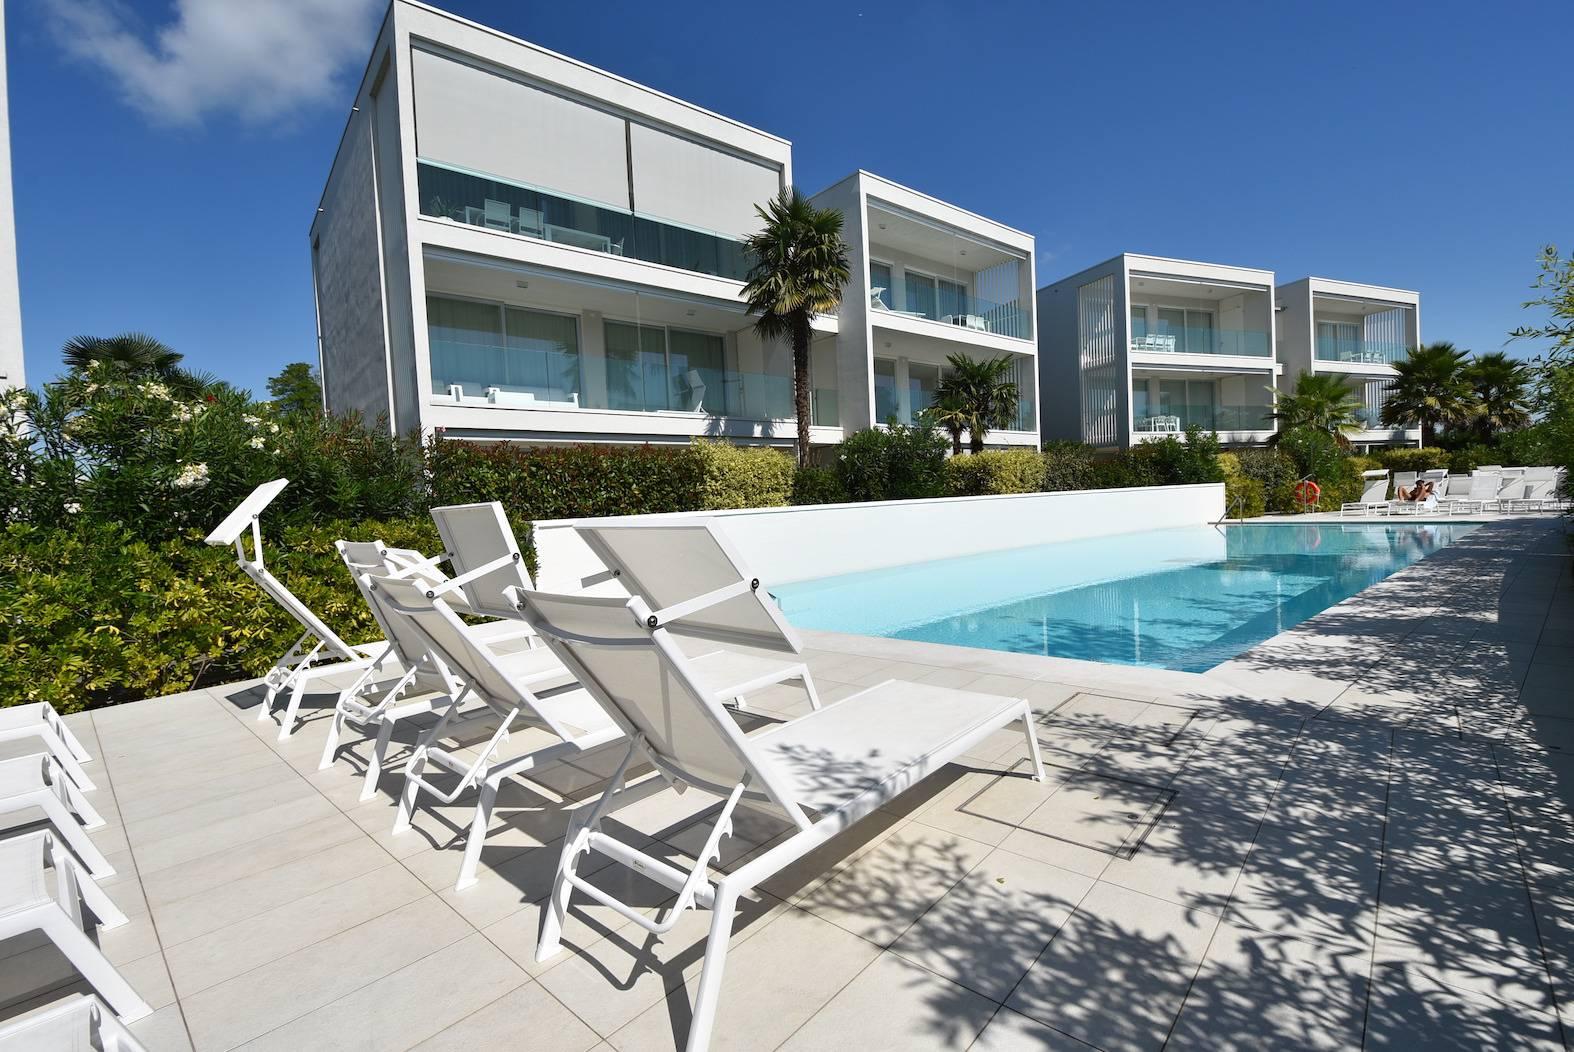 residence-casa-vacanza-1066243758